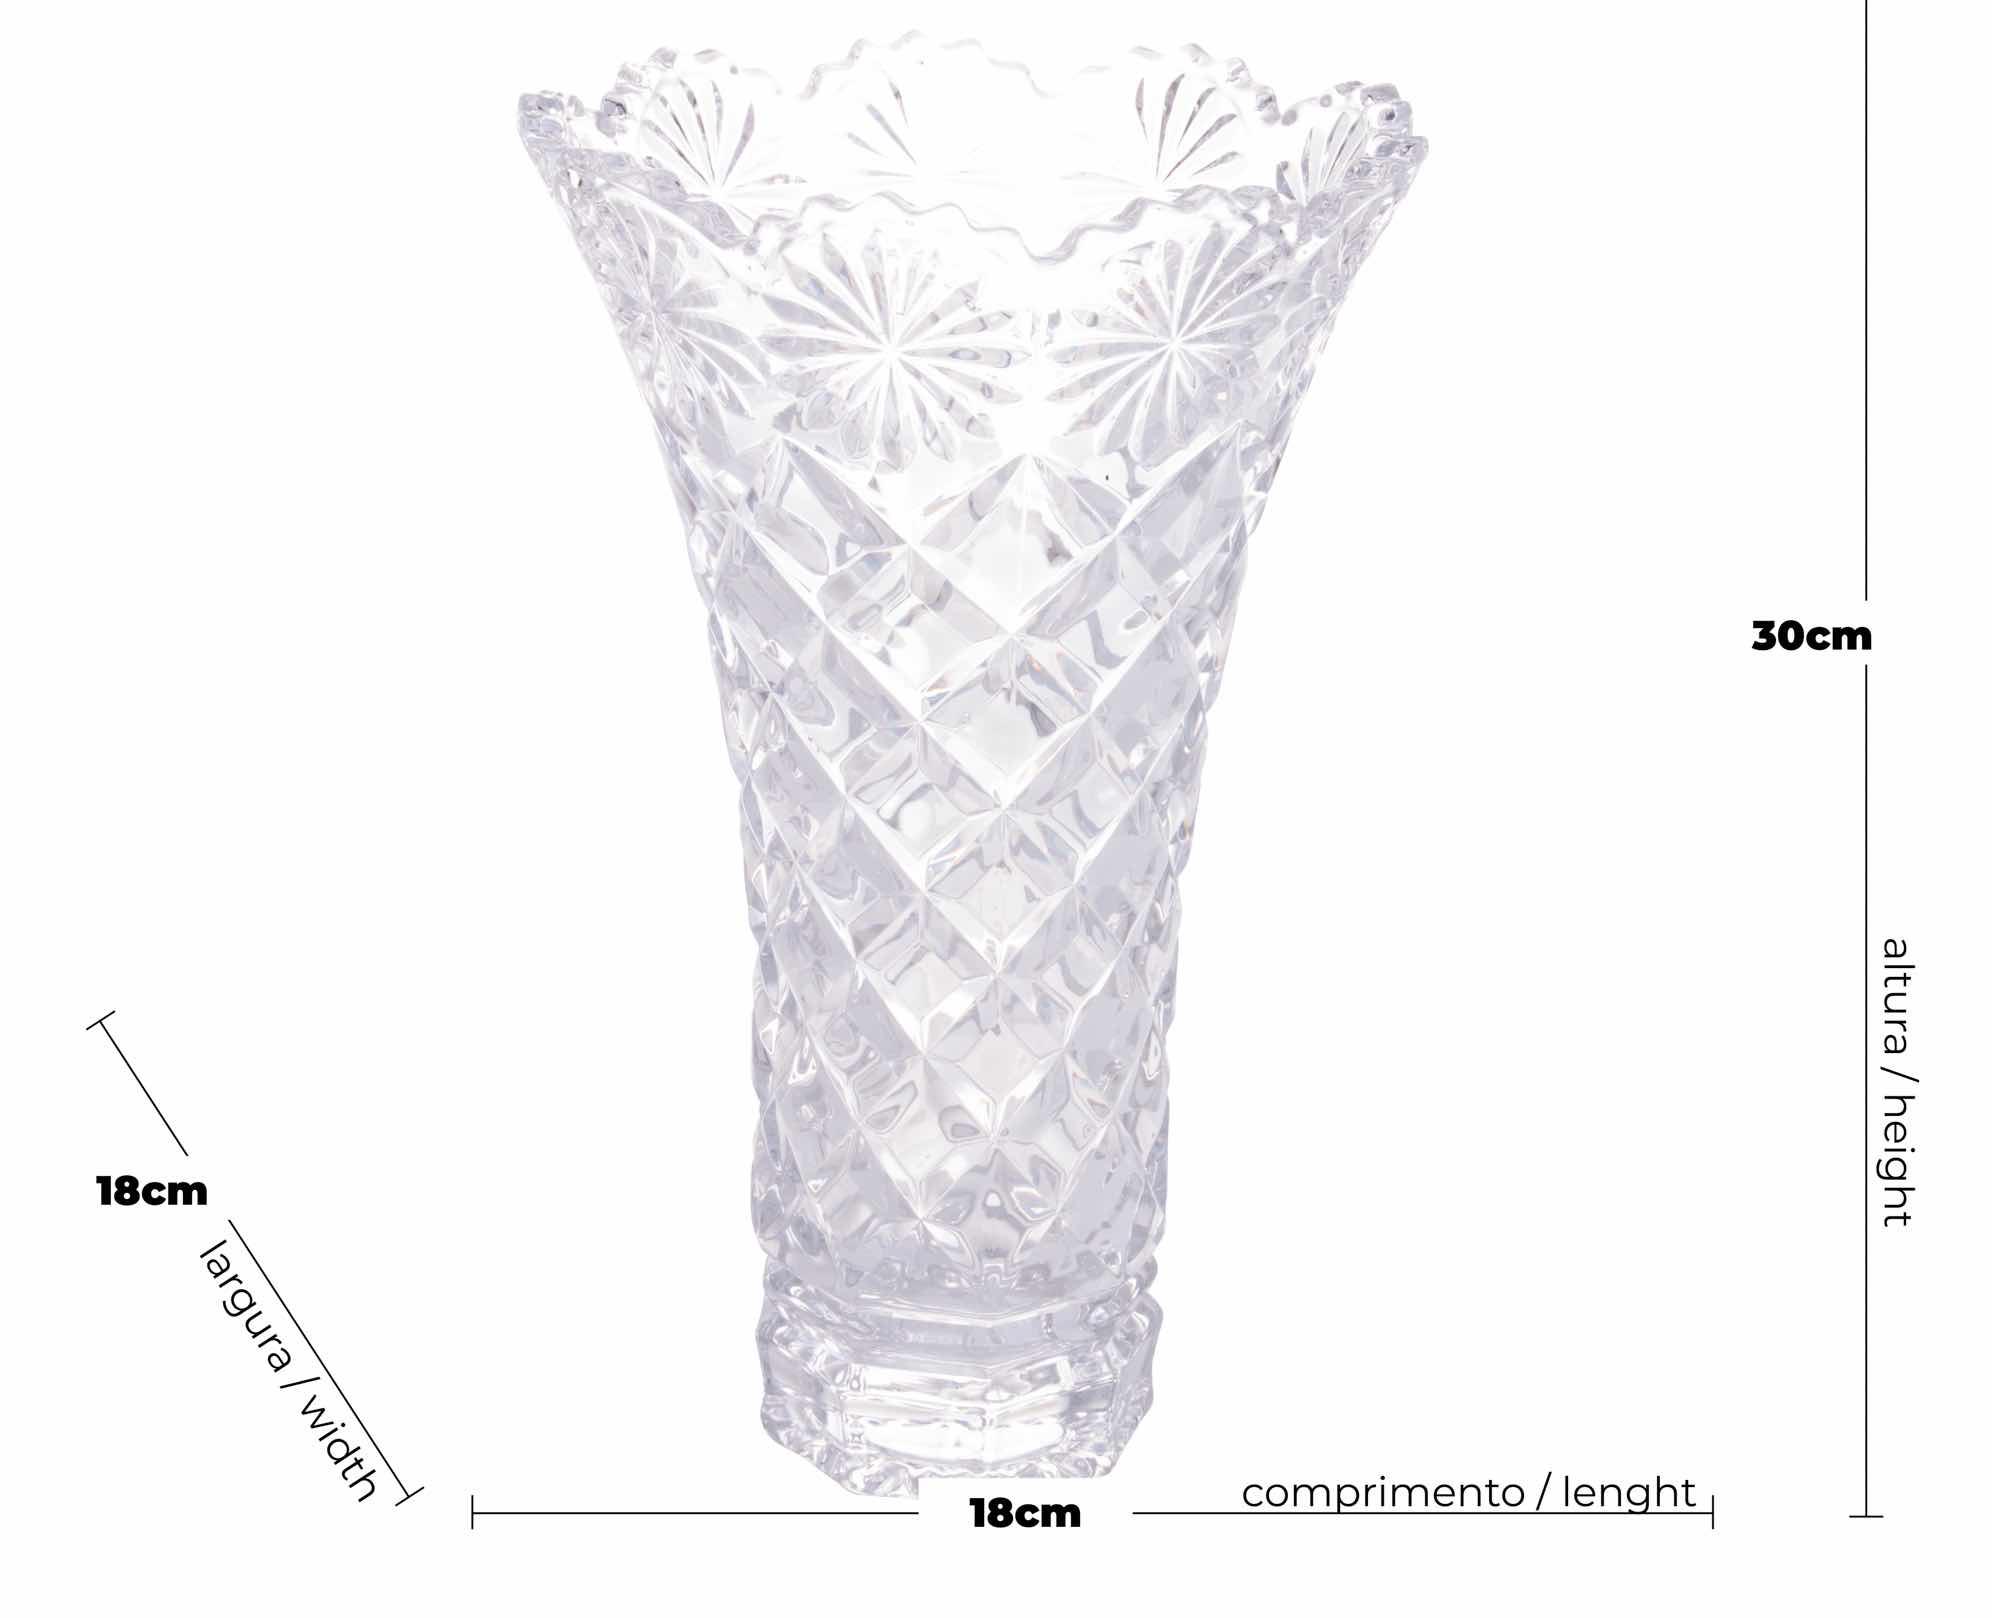 Vaso de Cristal Diamond Star 18 x 30 cm